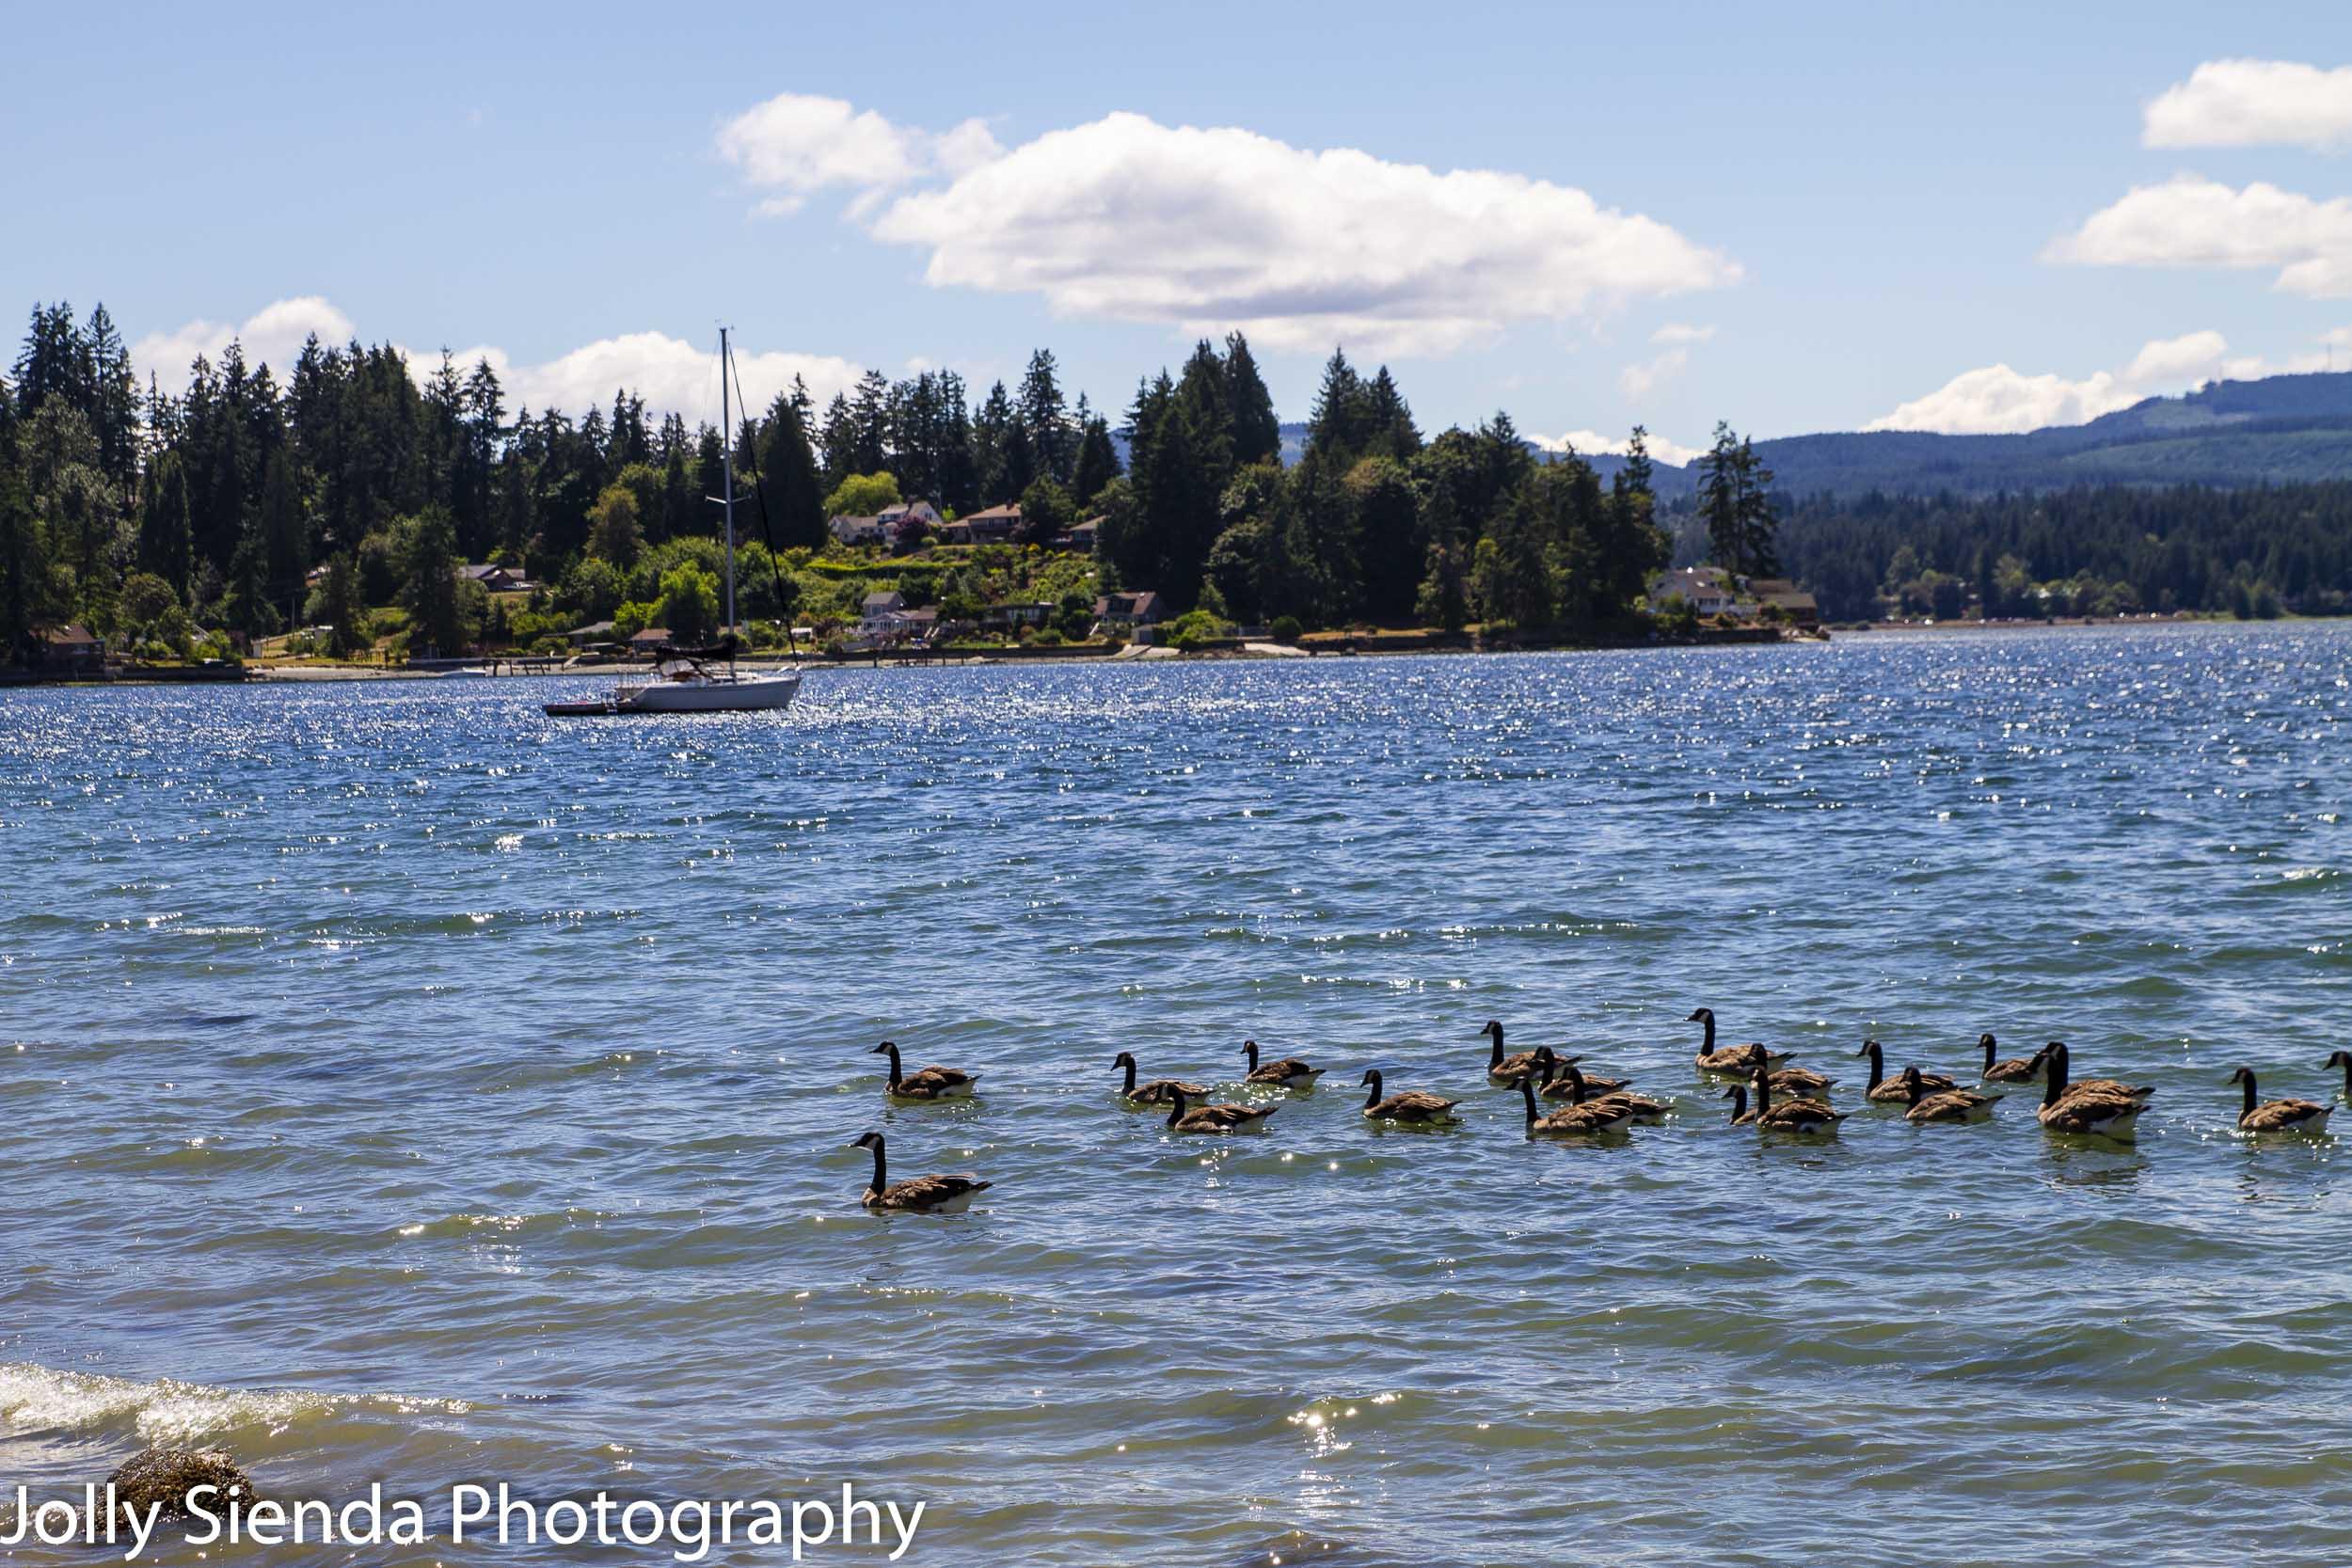 Geese swim along the shore at Tracyton, Washington.